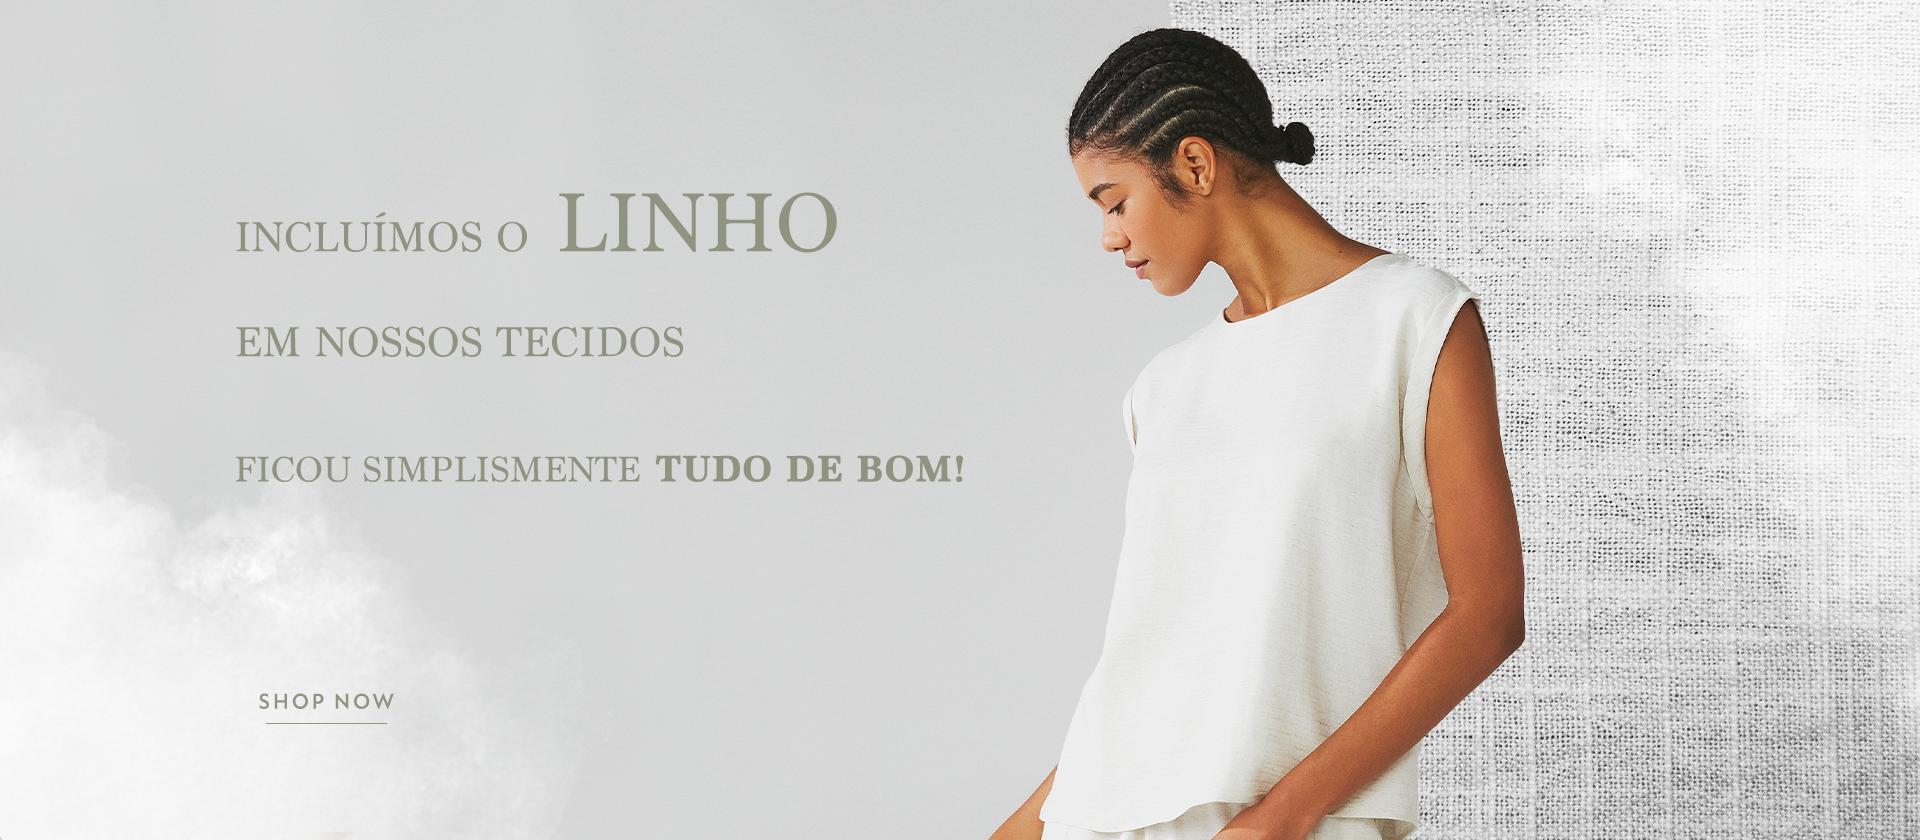 Desktop - 23/09 - Linho